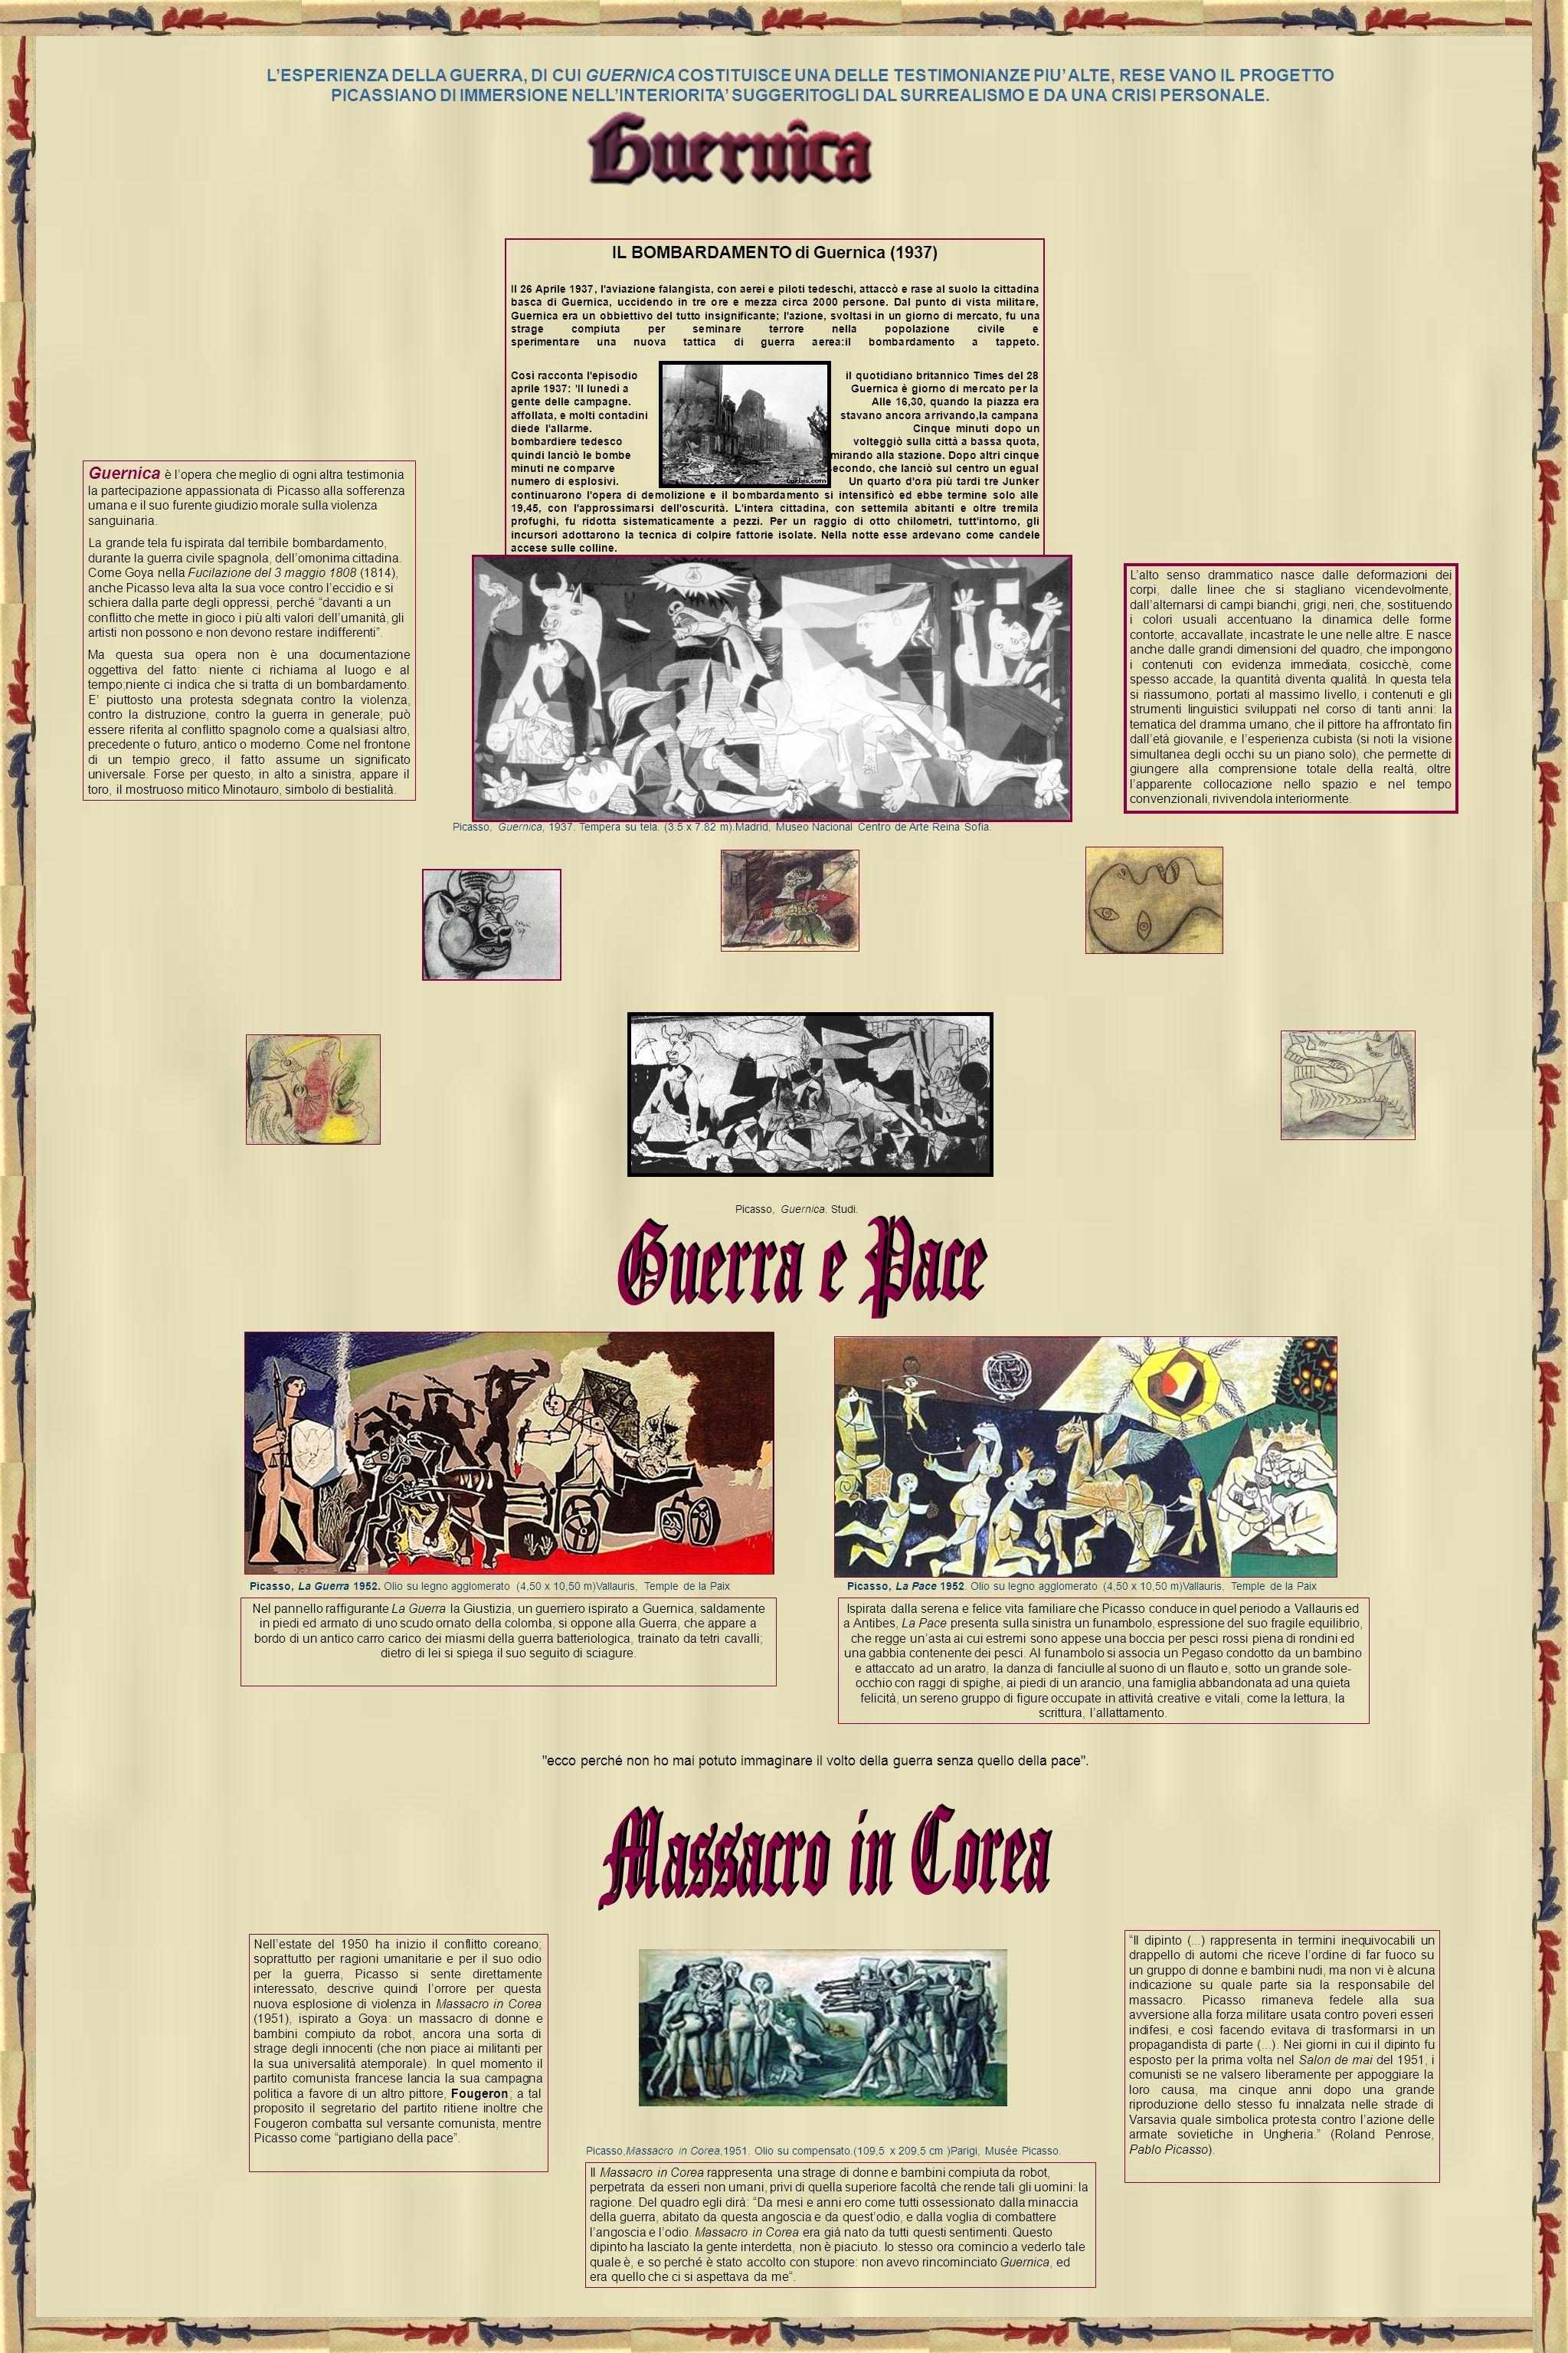 IL BOMBARDAMENTO di Guernica (1937) Il 26 Aprile 1937, l'aviazione falangista, con aerei e piloti tedeschi, attaccò e rase al suolo la cittadina basca